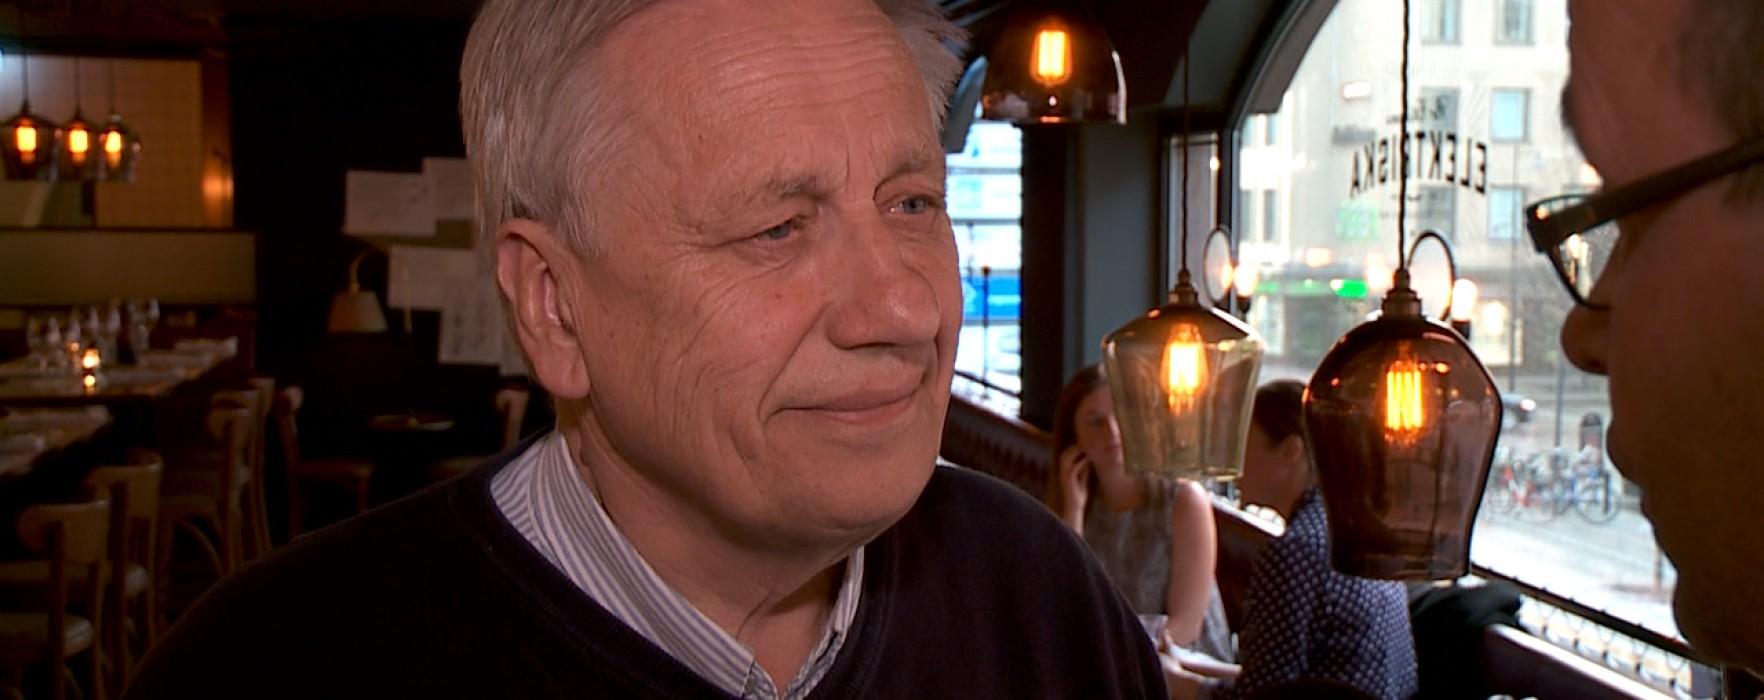 Glimt Sport – Tommy Söderberg besökte Karlstad